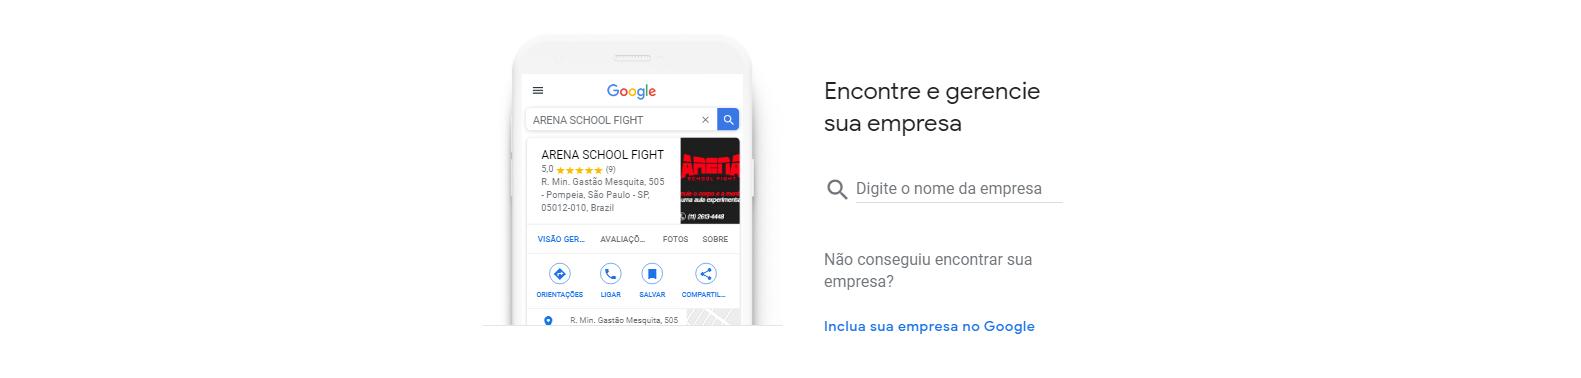 Segundo passo para cadastrar empresa na Google Meu Negócio, onde tem o campo para procurar sua empresa ou criar uma nova.